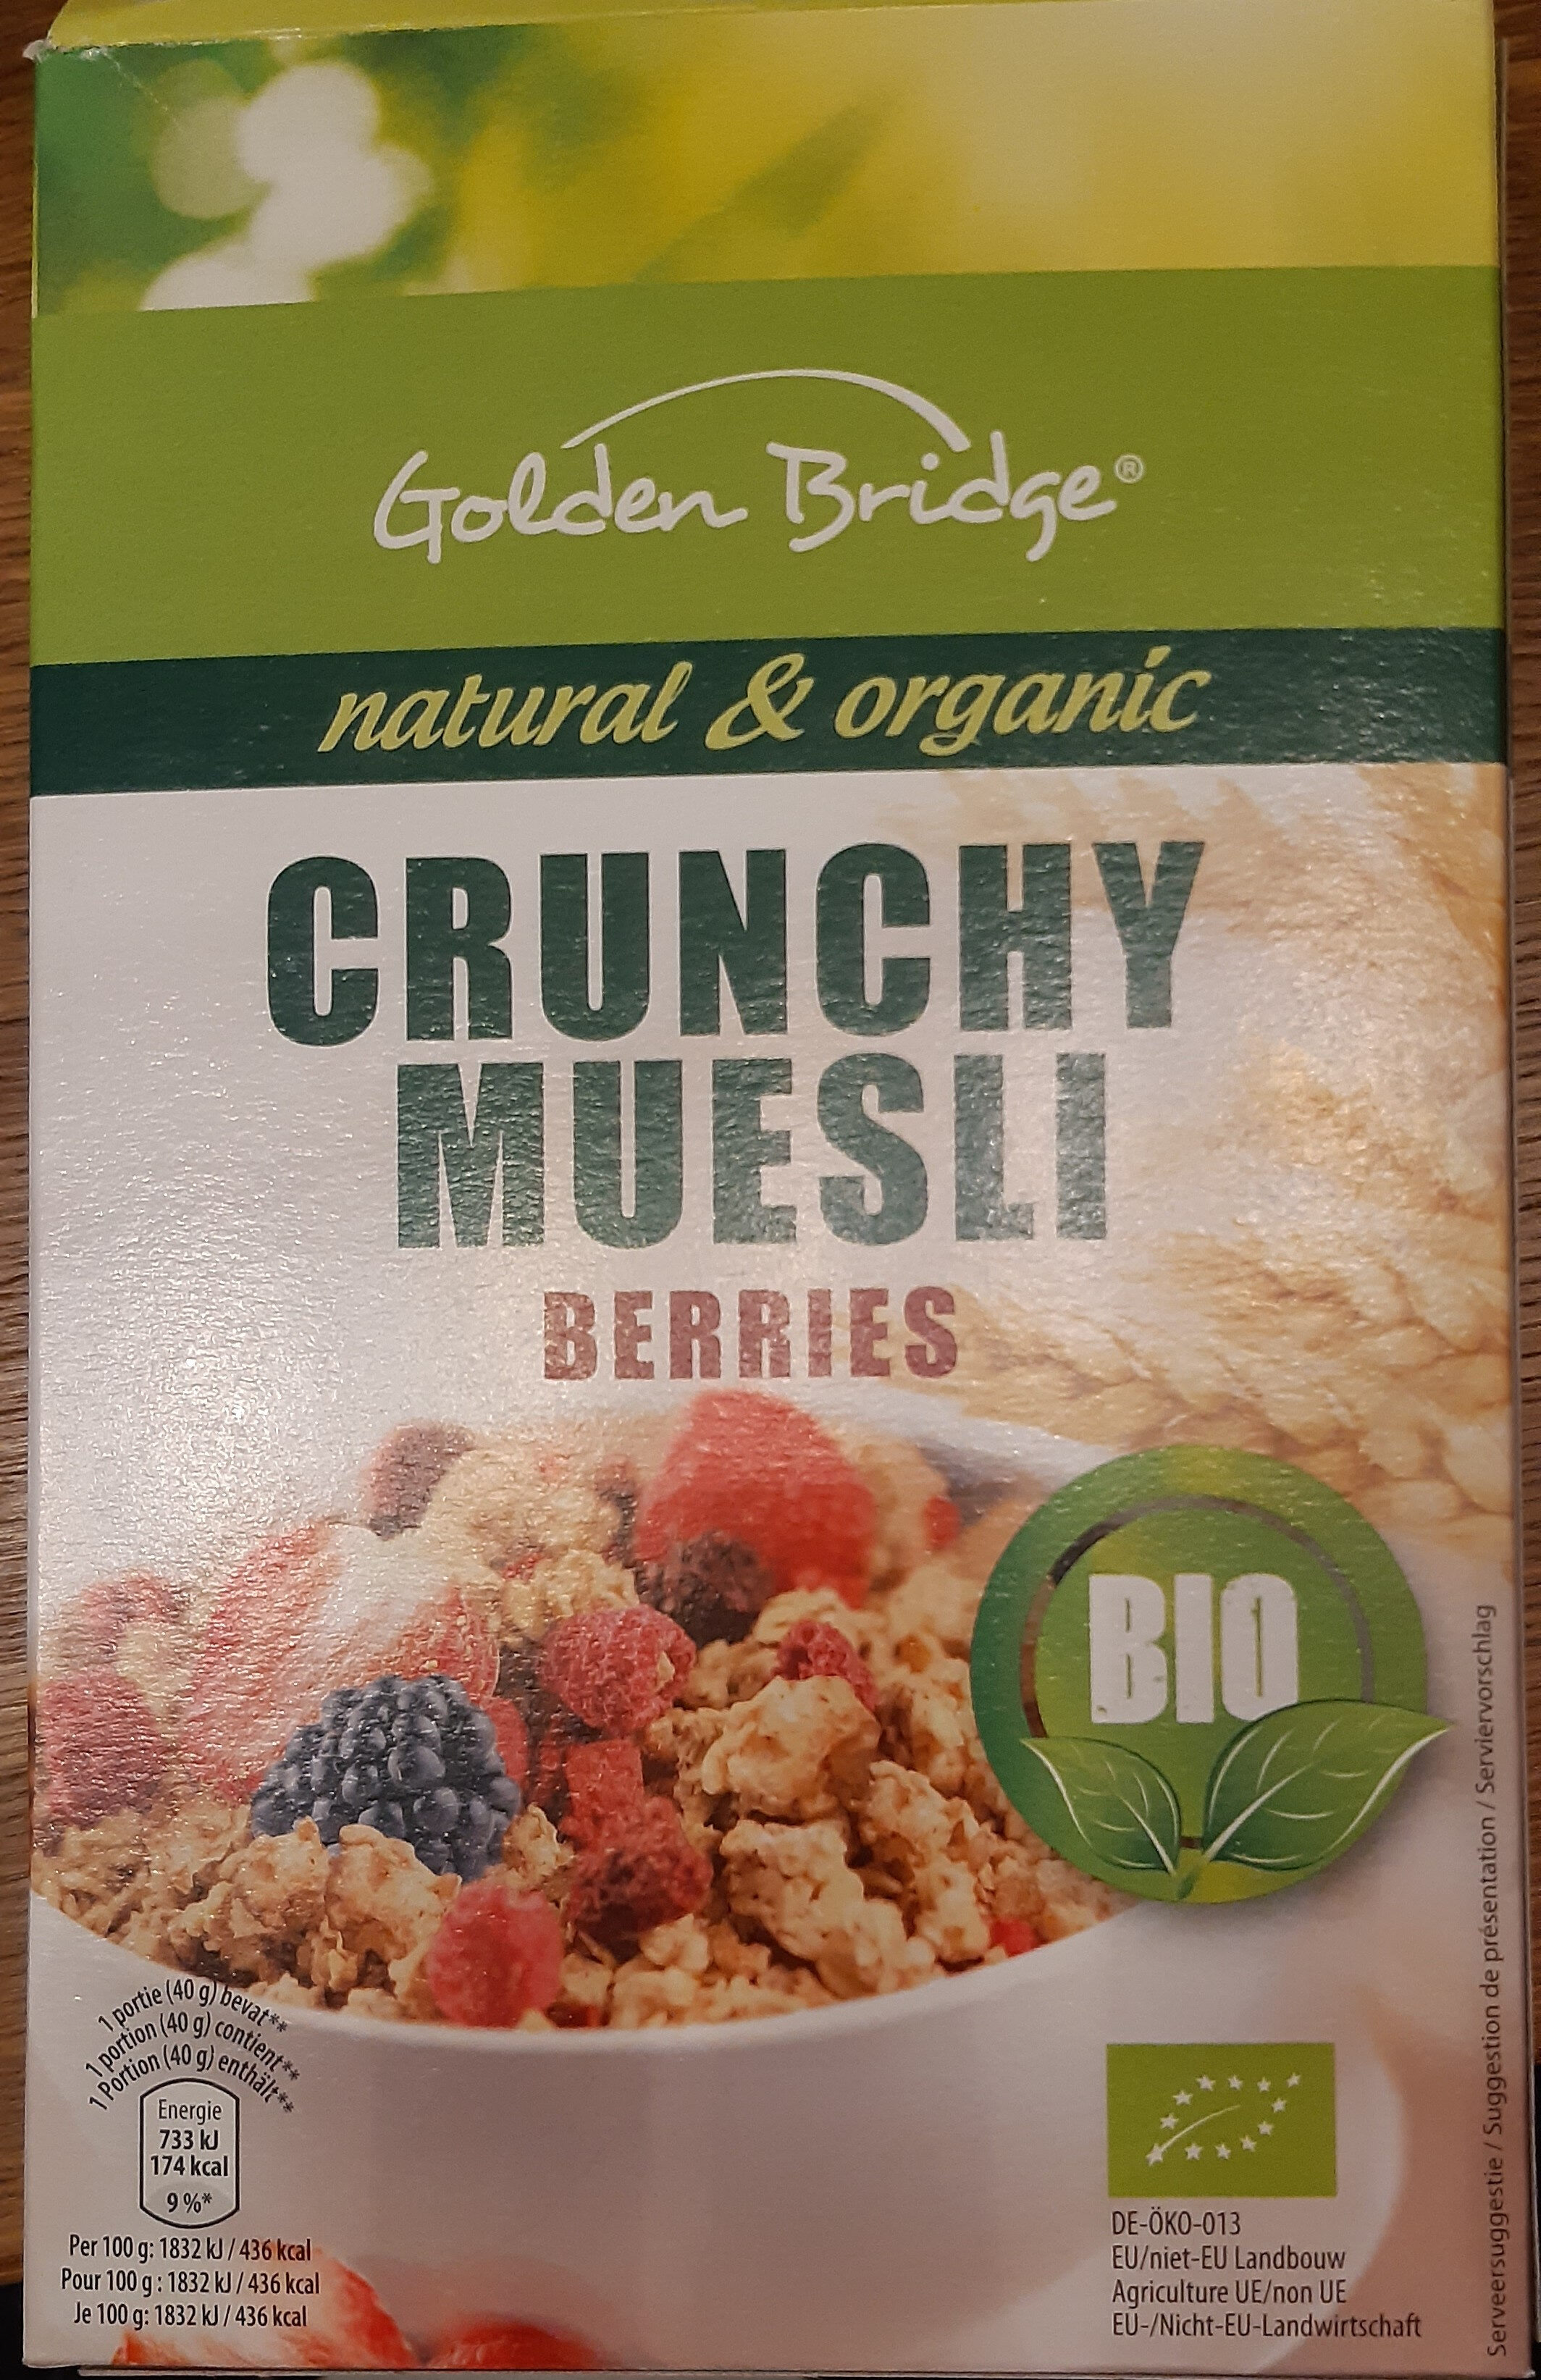 Golden Bridge Crunchy Muesli Berries BIO - Product - en